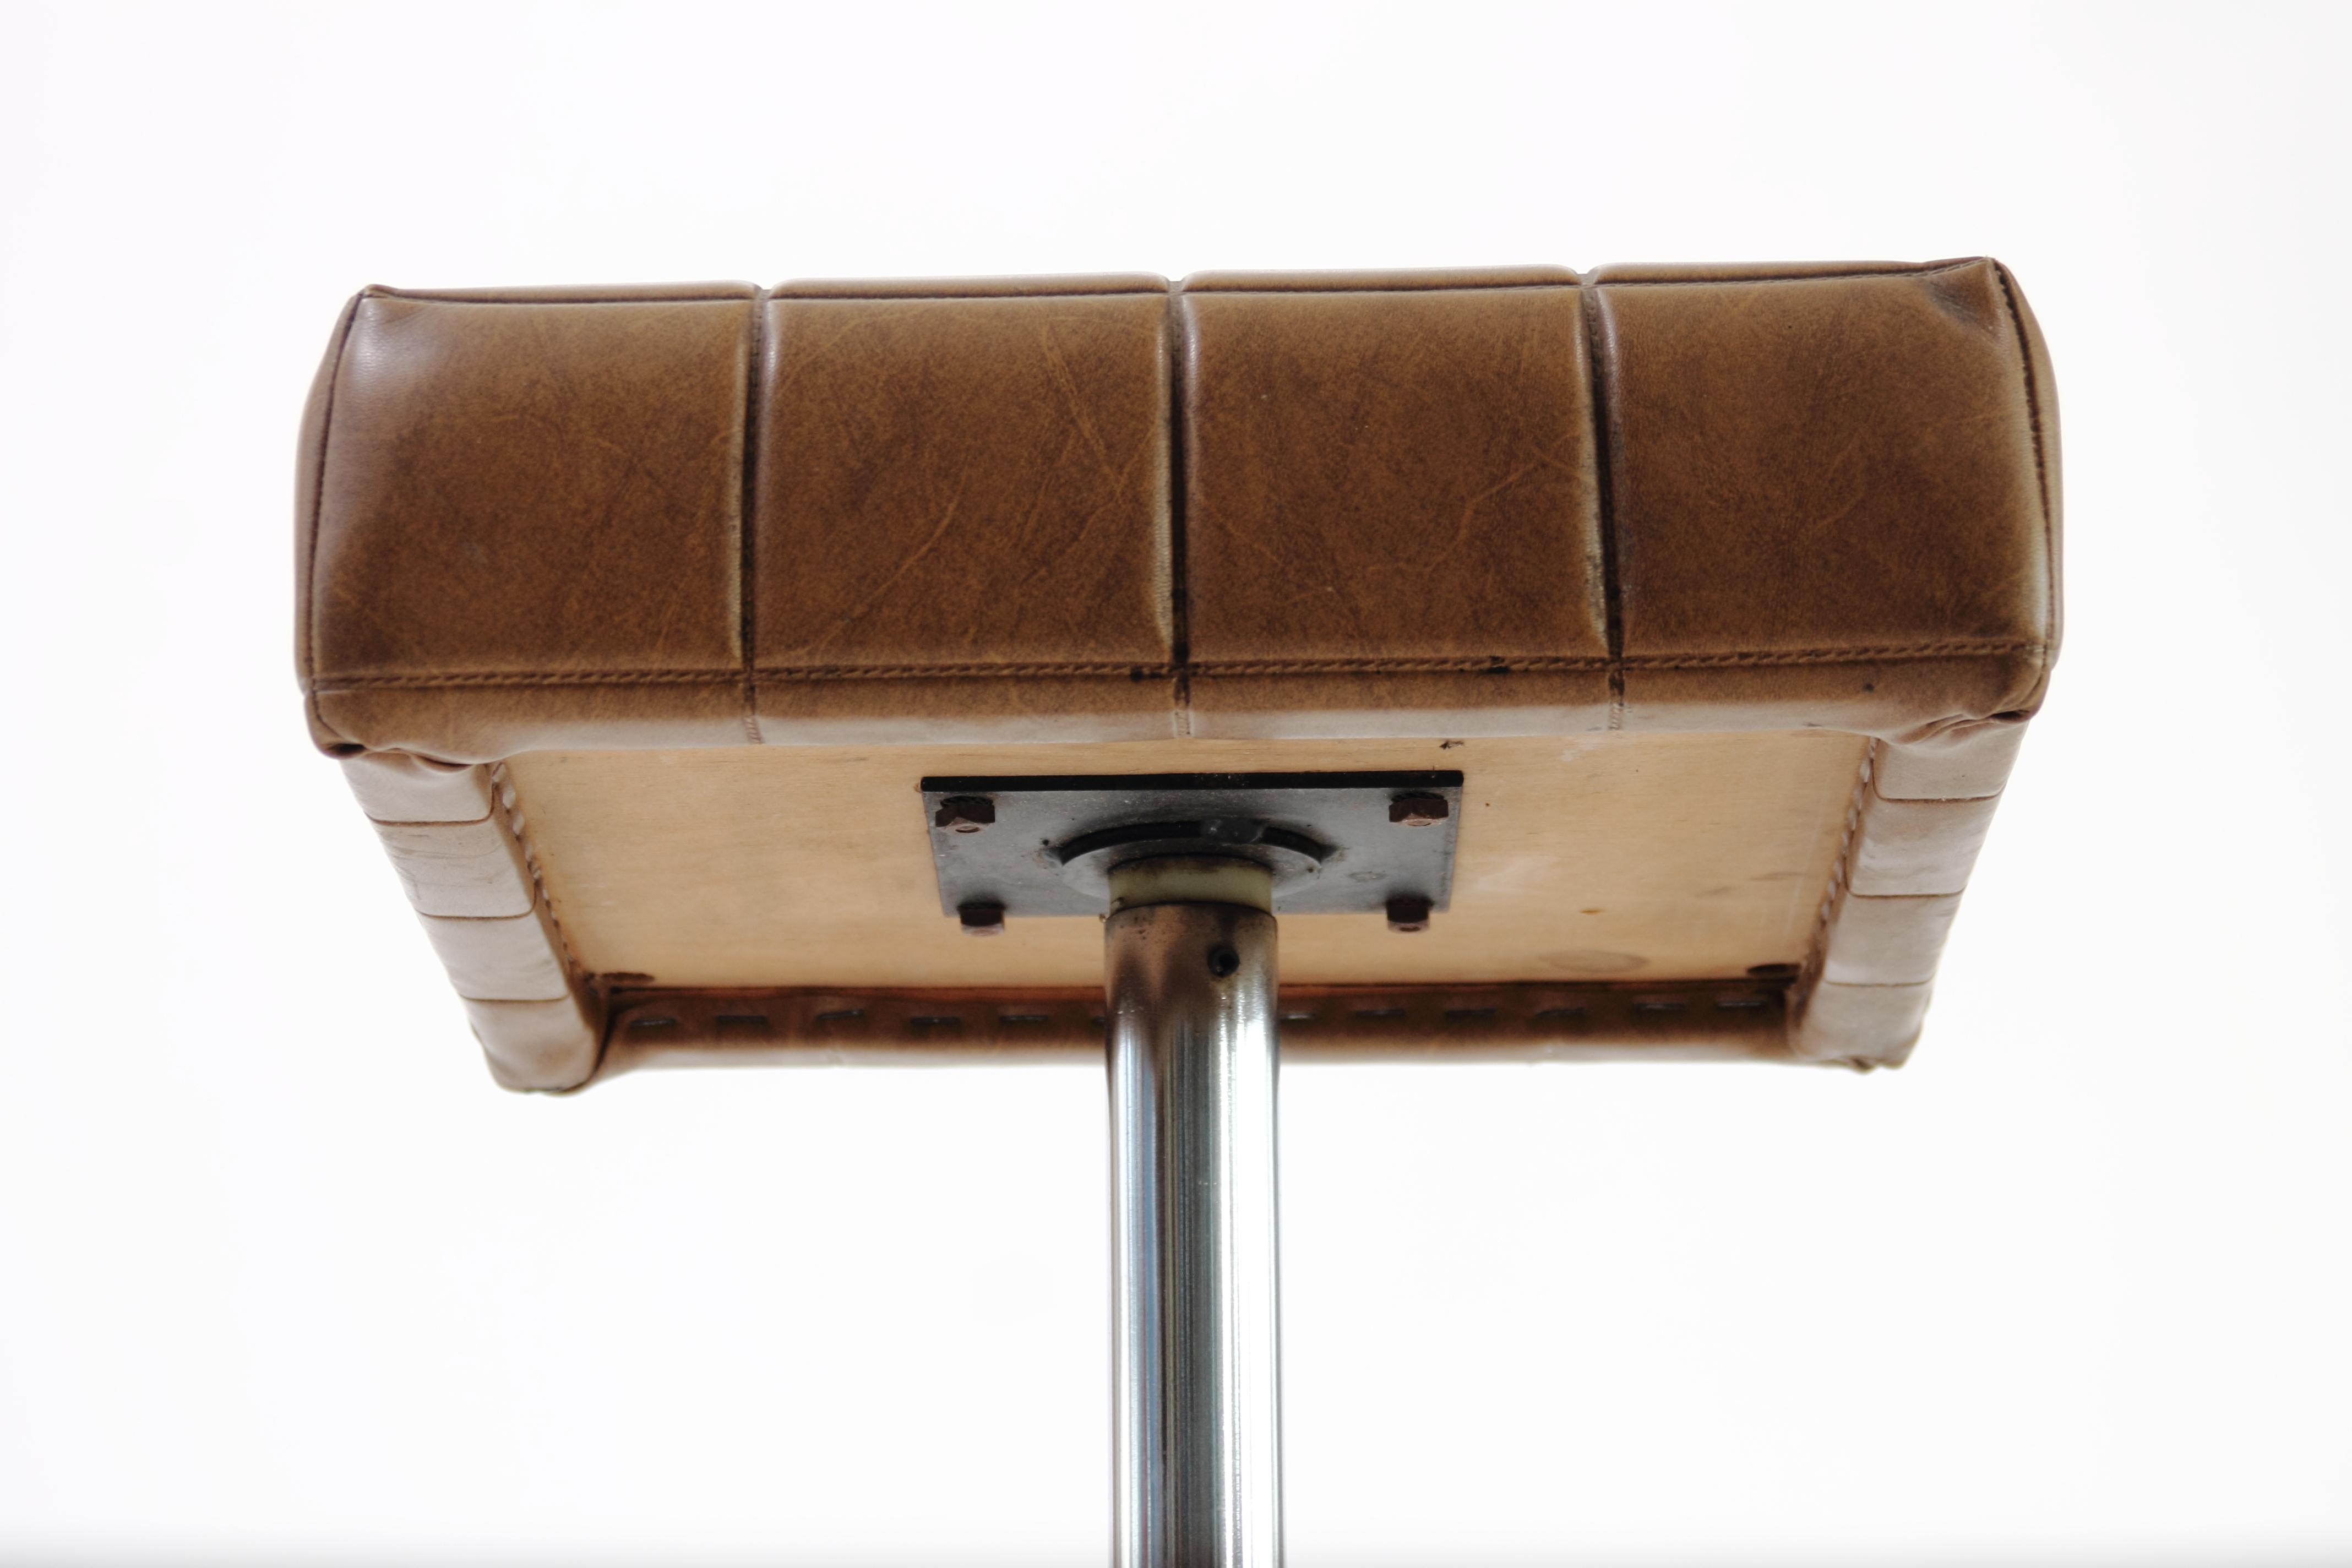 drehstuhl drehhocker 60er 70er jahre hocker sitz stuhl strandholzshop vintage interior design. Black Bedroom Furniture Sets. Home Design Ideas